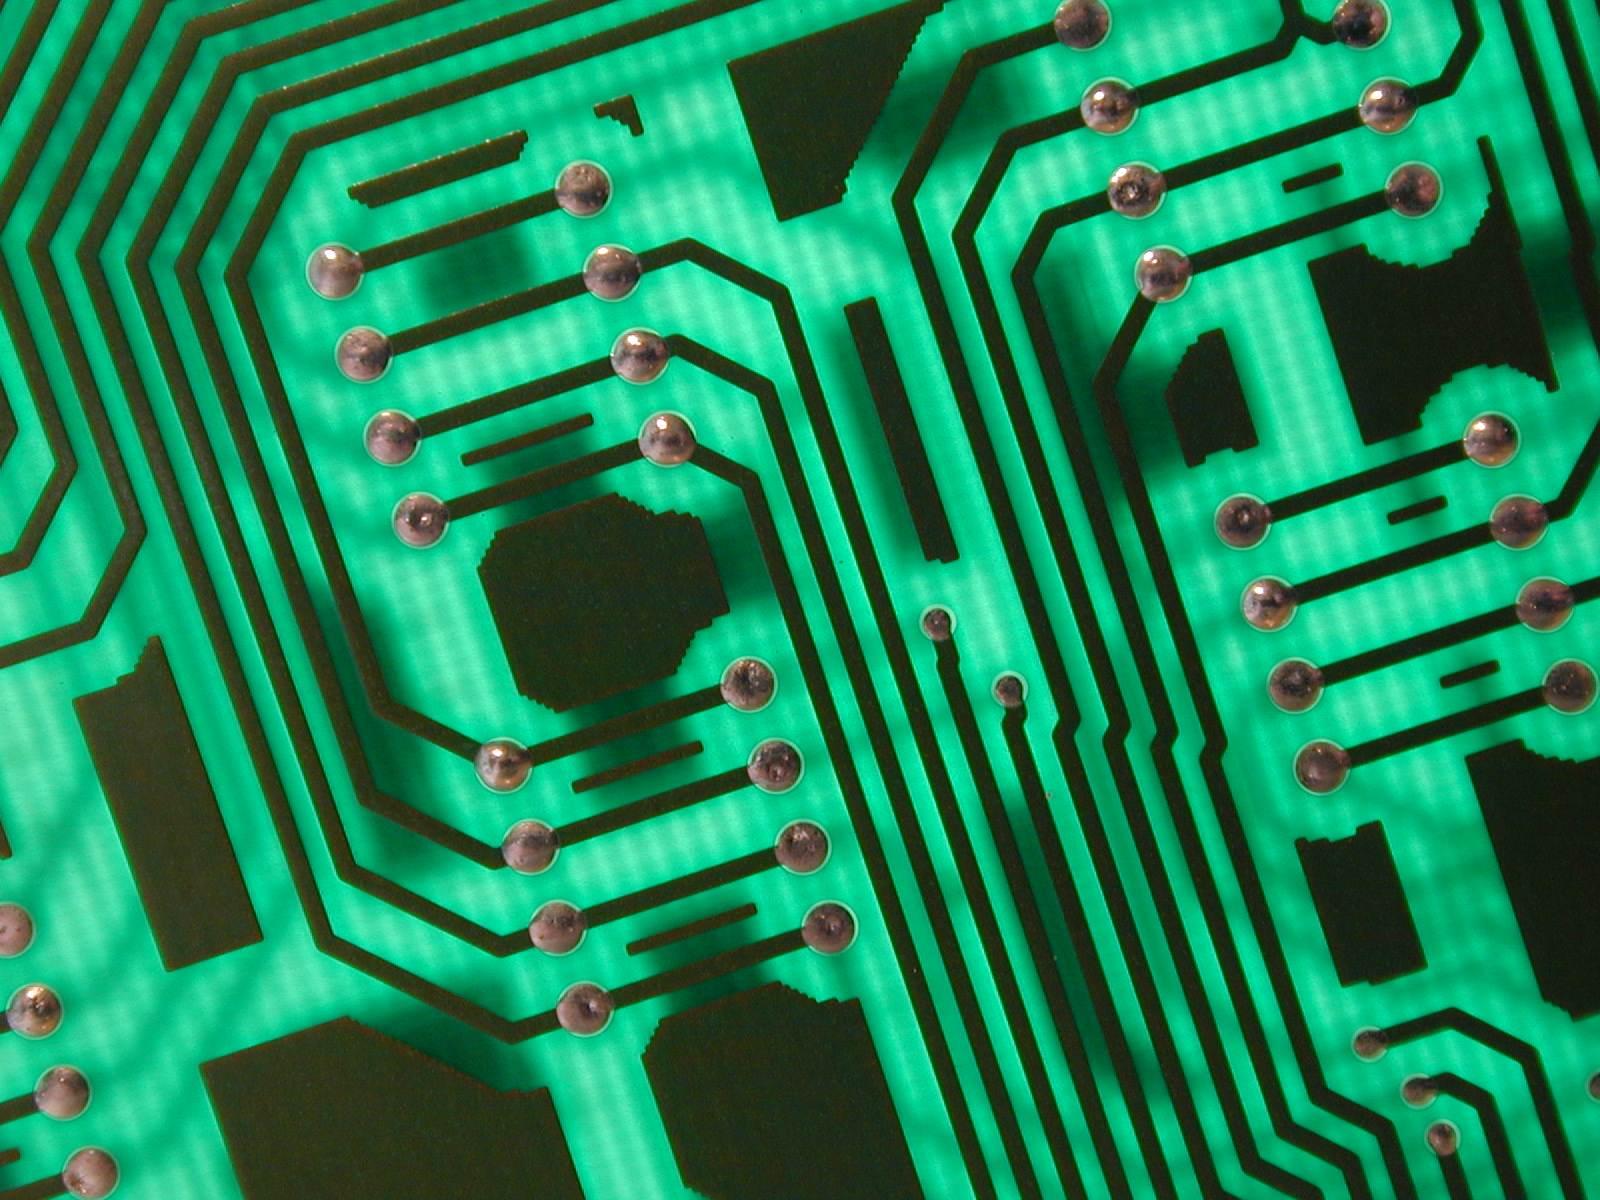 CircuitBoard_by_Twechie.jpg